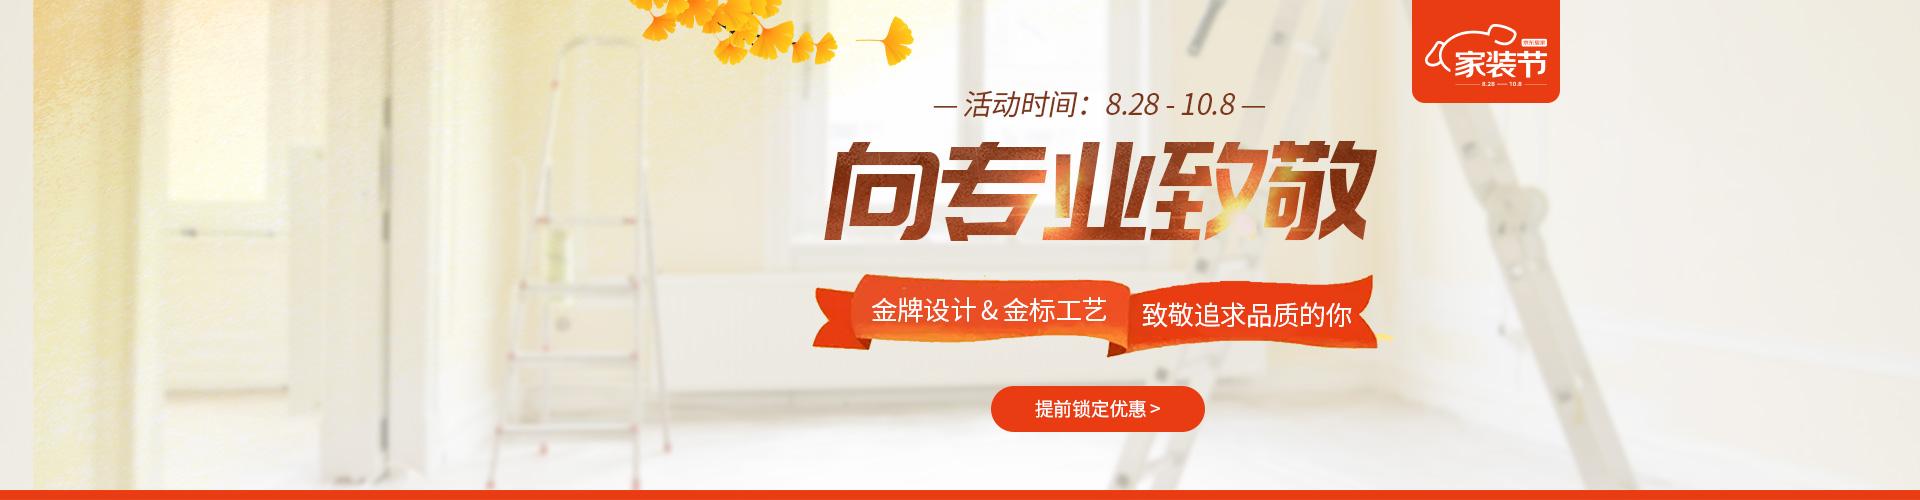 彩神x·家9月金秋装修节